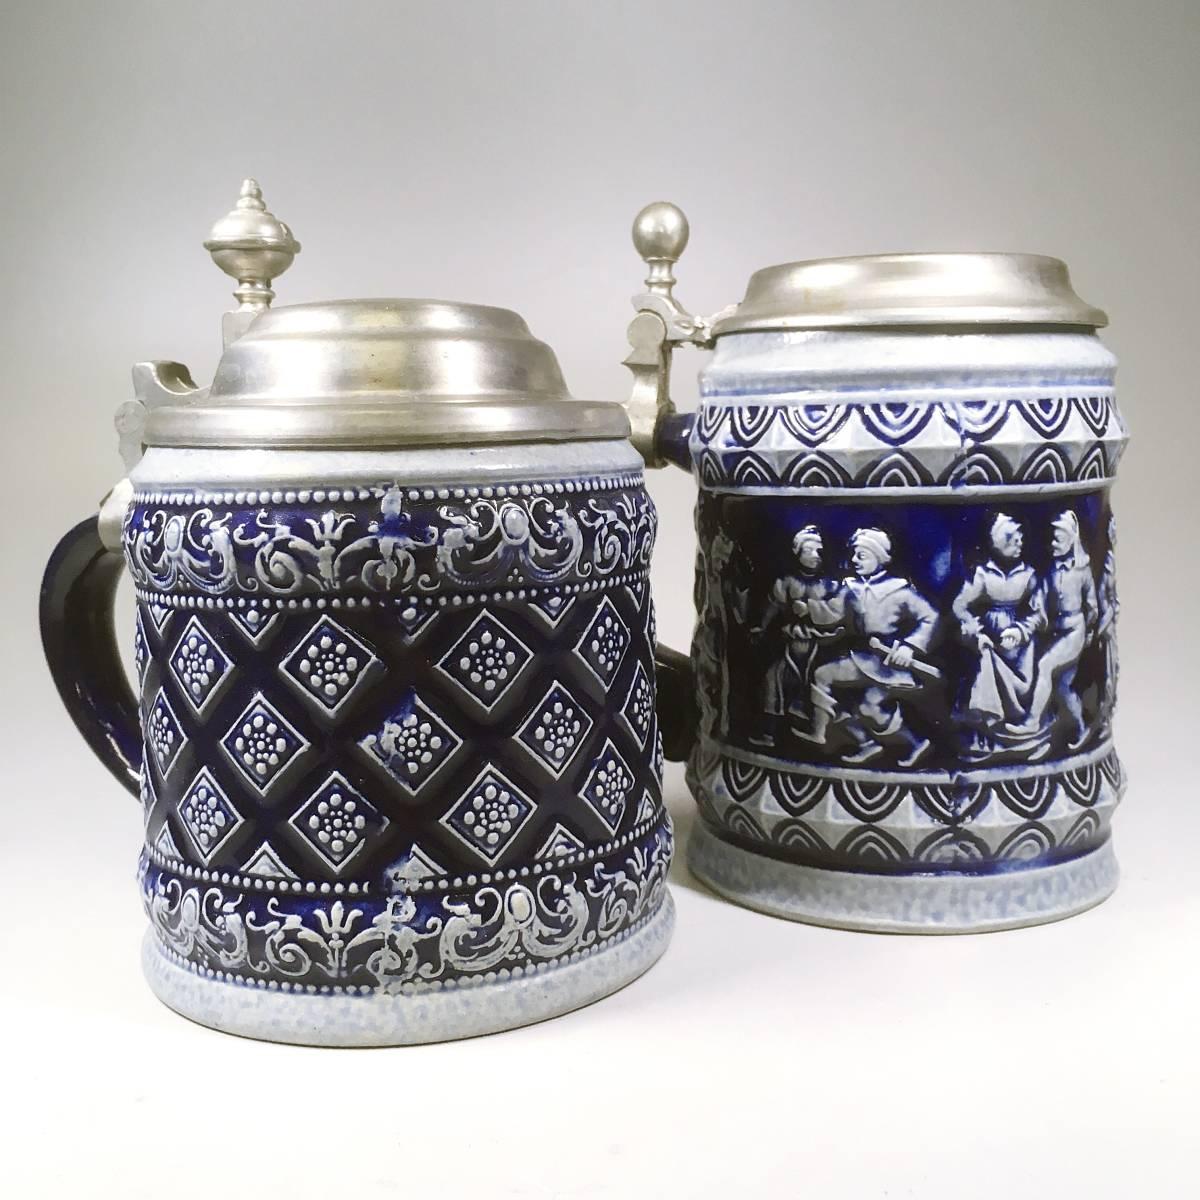 西ドイツ ビールジョッキ ビアグラス 2個セット 彫刻 ドイツスタイル 陶器製 グラス 蓋付 酒器